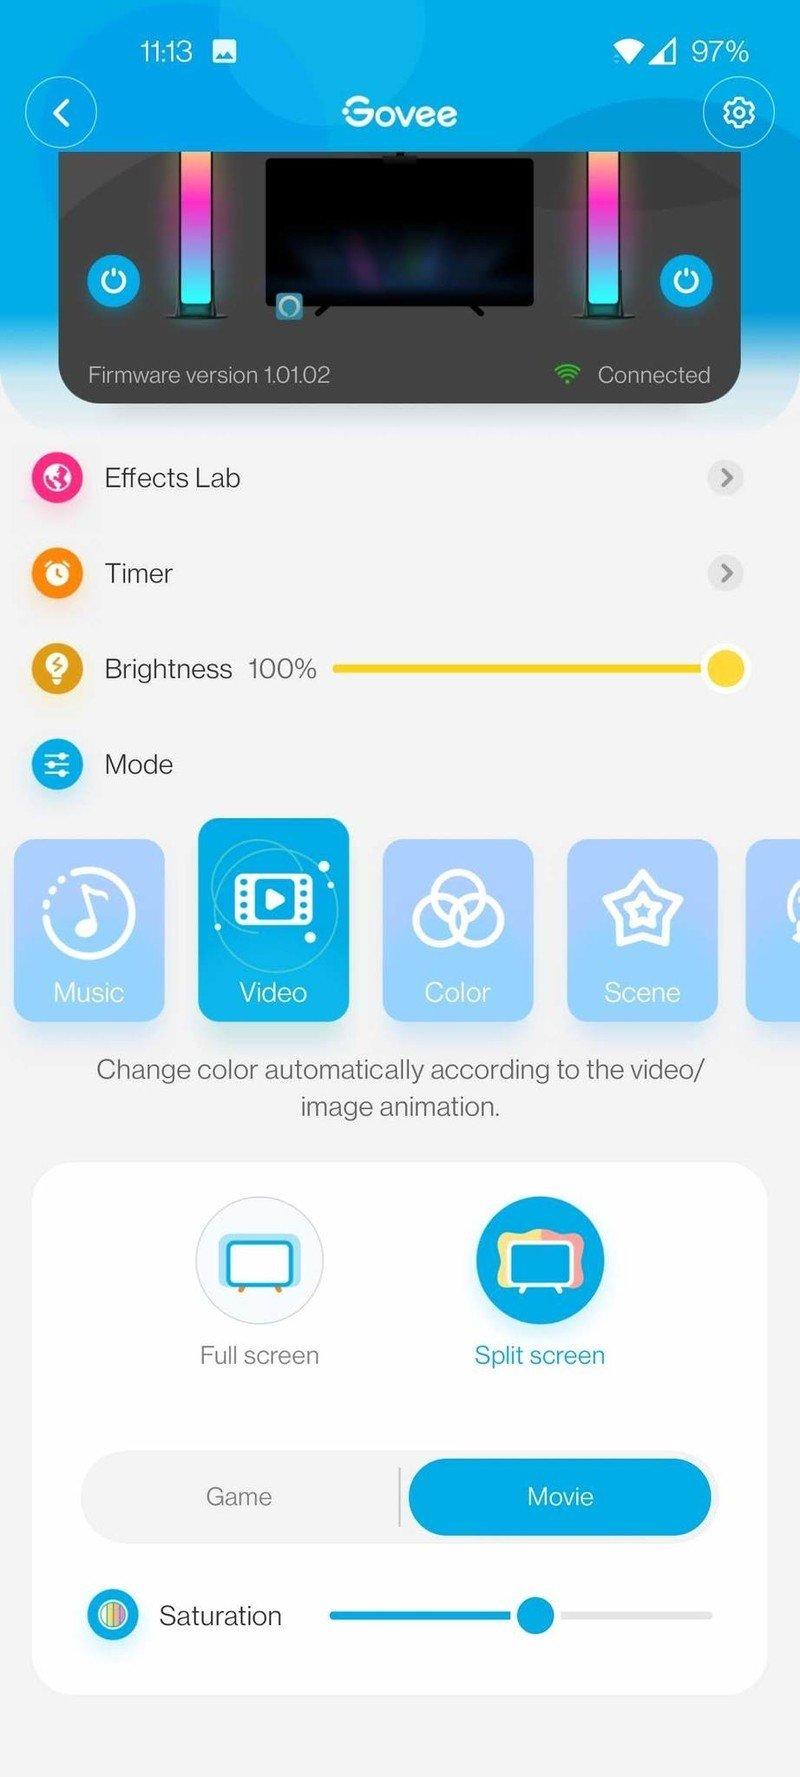 govee-flow-pro-app-screenshot-04.jpg